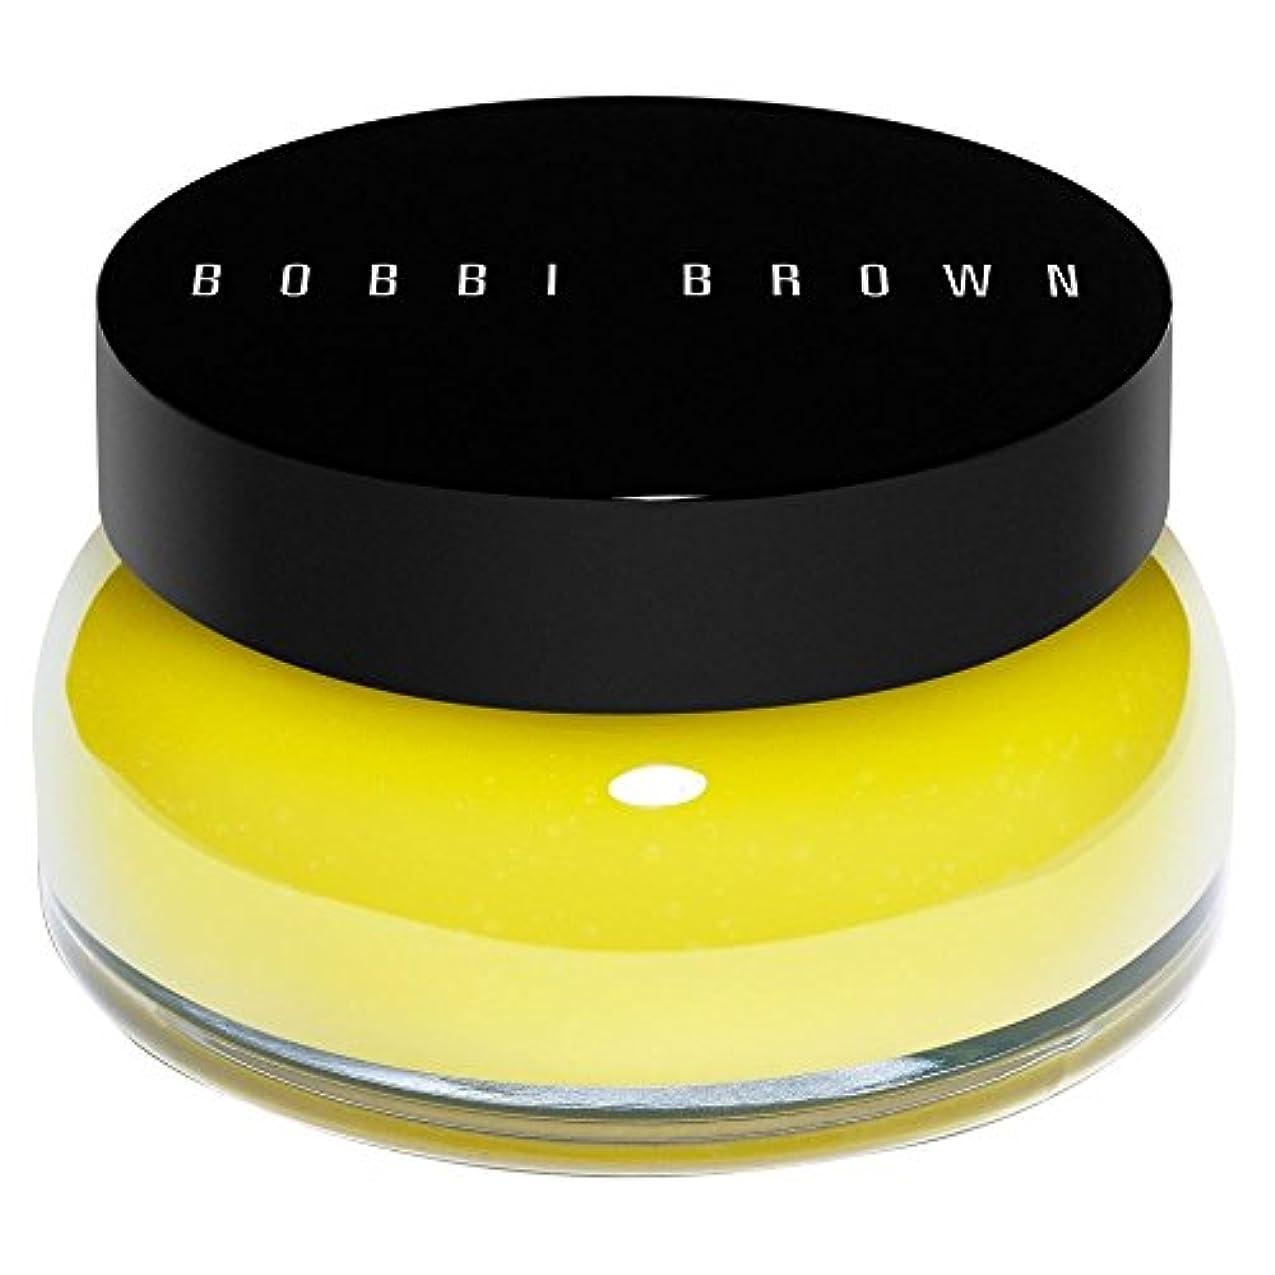 イタリックケージシェルター[Bobbi Brown] ボビーブラウンエクストラバームリンス - Bobbi Brown Extra Balm Rinse [並行輸入品]